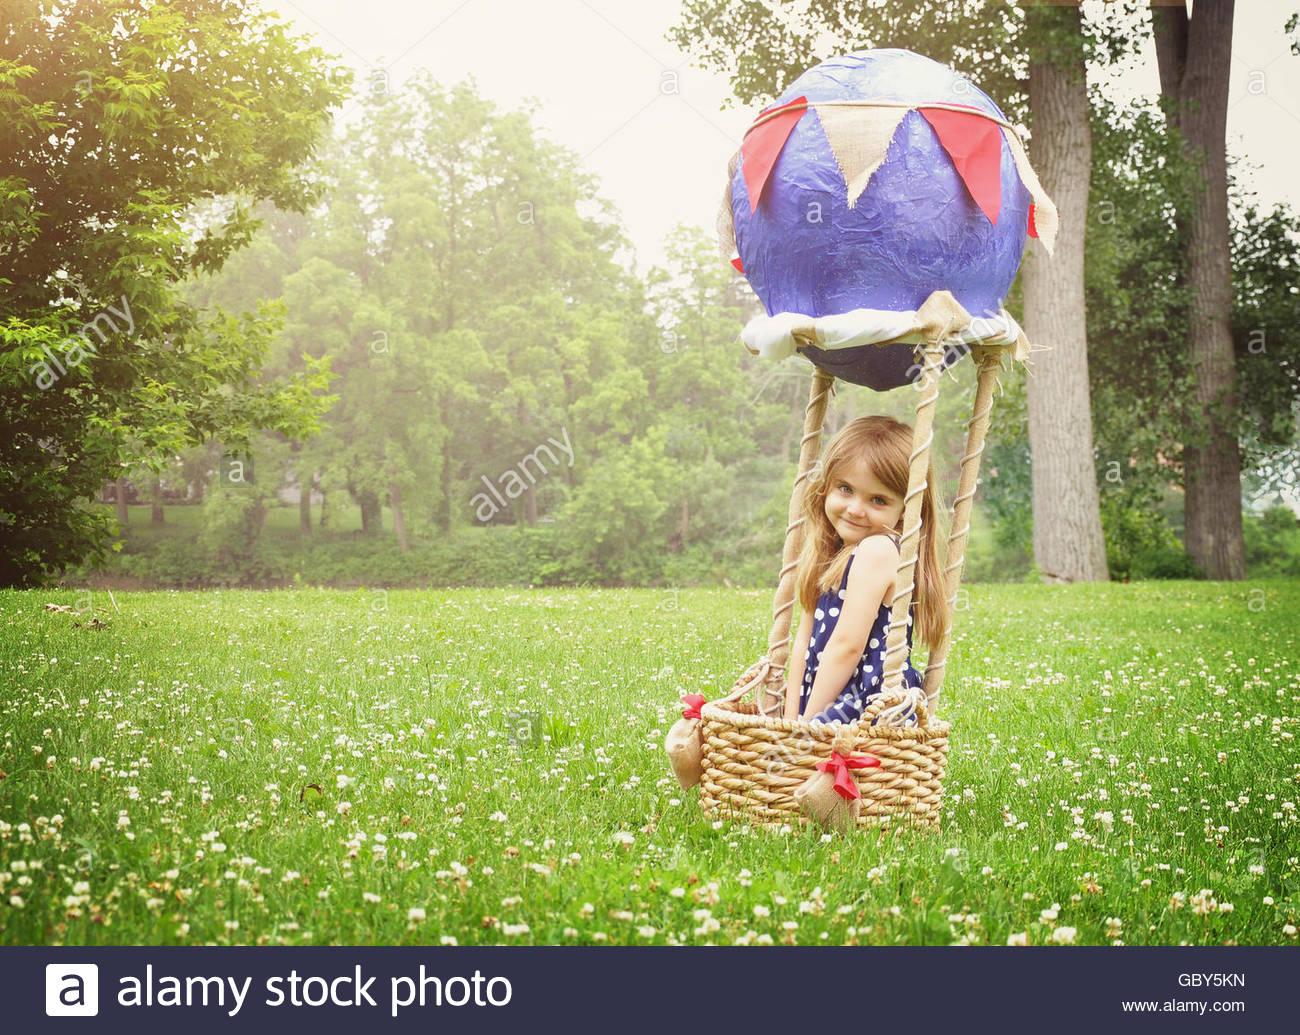 Ein Kind sitzt in einem Heißluft-Ballon-Korb vorgibt, Reisen und fliegen für ein Konzept der Kreativität Stockbild